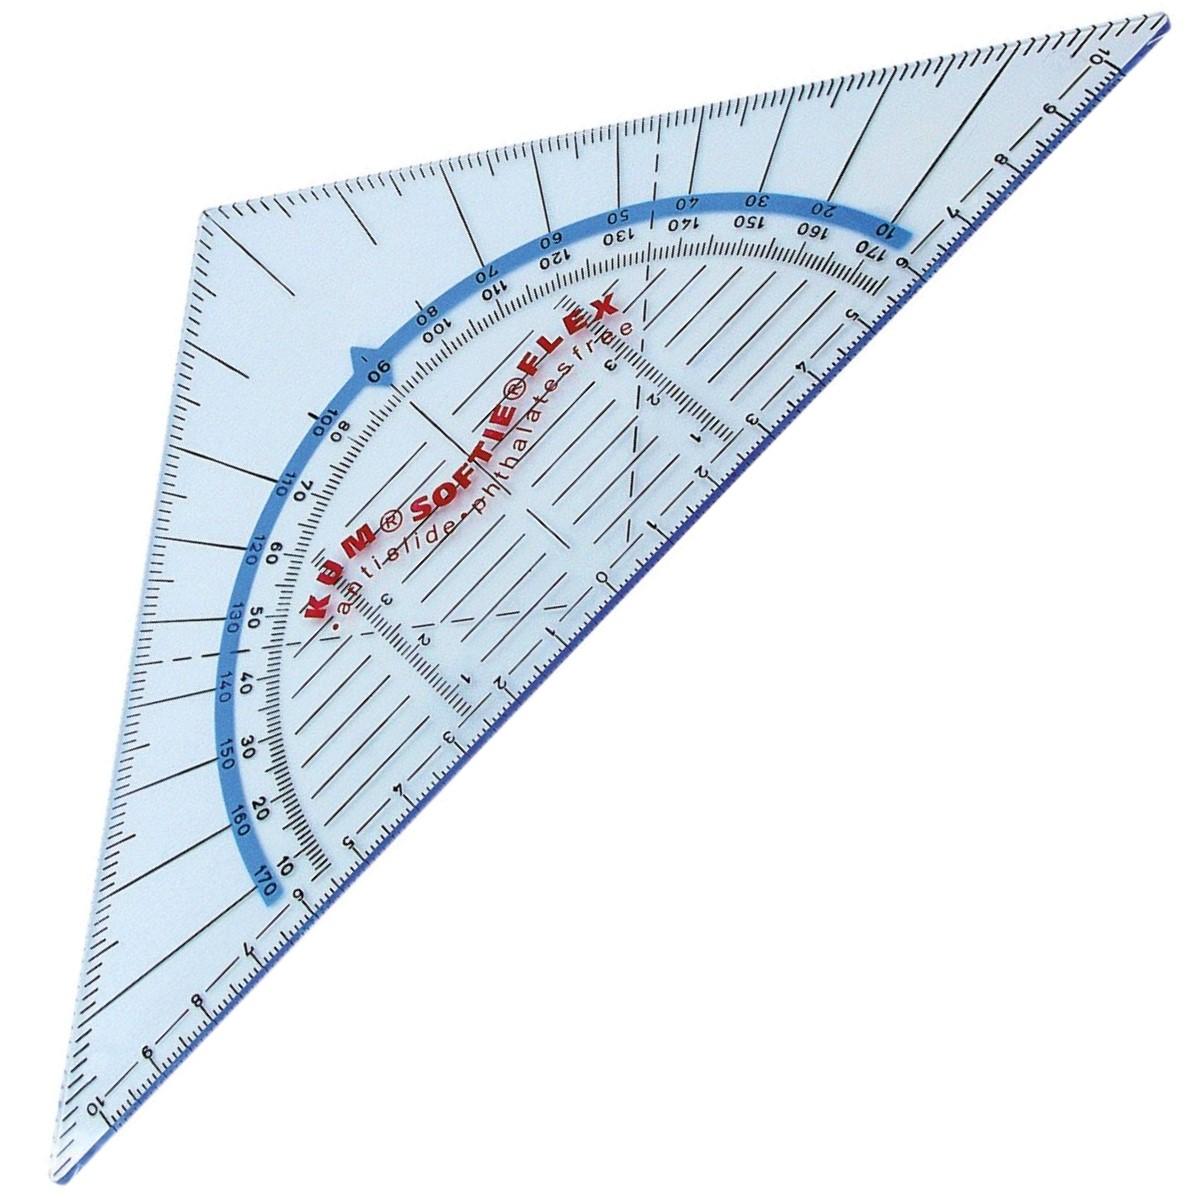 Kum 292 Geo Dreieck Geometriedreieck mit Griff Facette Tuschenoppen